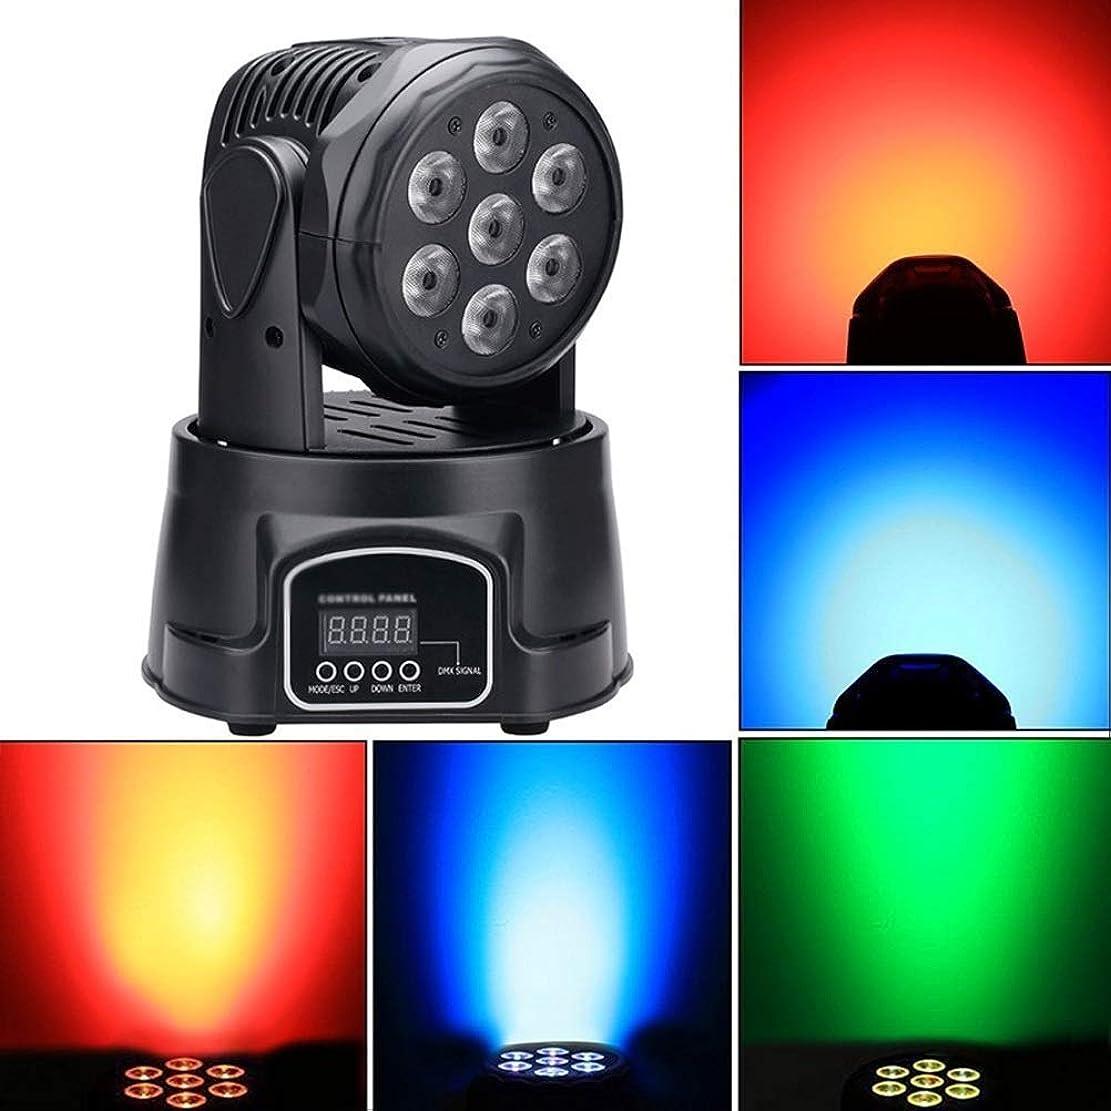 干渉する霧電気陽性HDZWW ムービングヘッドステージビームライト、ムービングヘッドDJ照明、LED 7 * 10W小型ムービングヘッドライトRGBW 4 in 1 15WパーティショーDJ KTVウェディング用音声起動DMX512コントロール